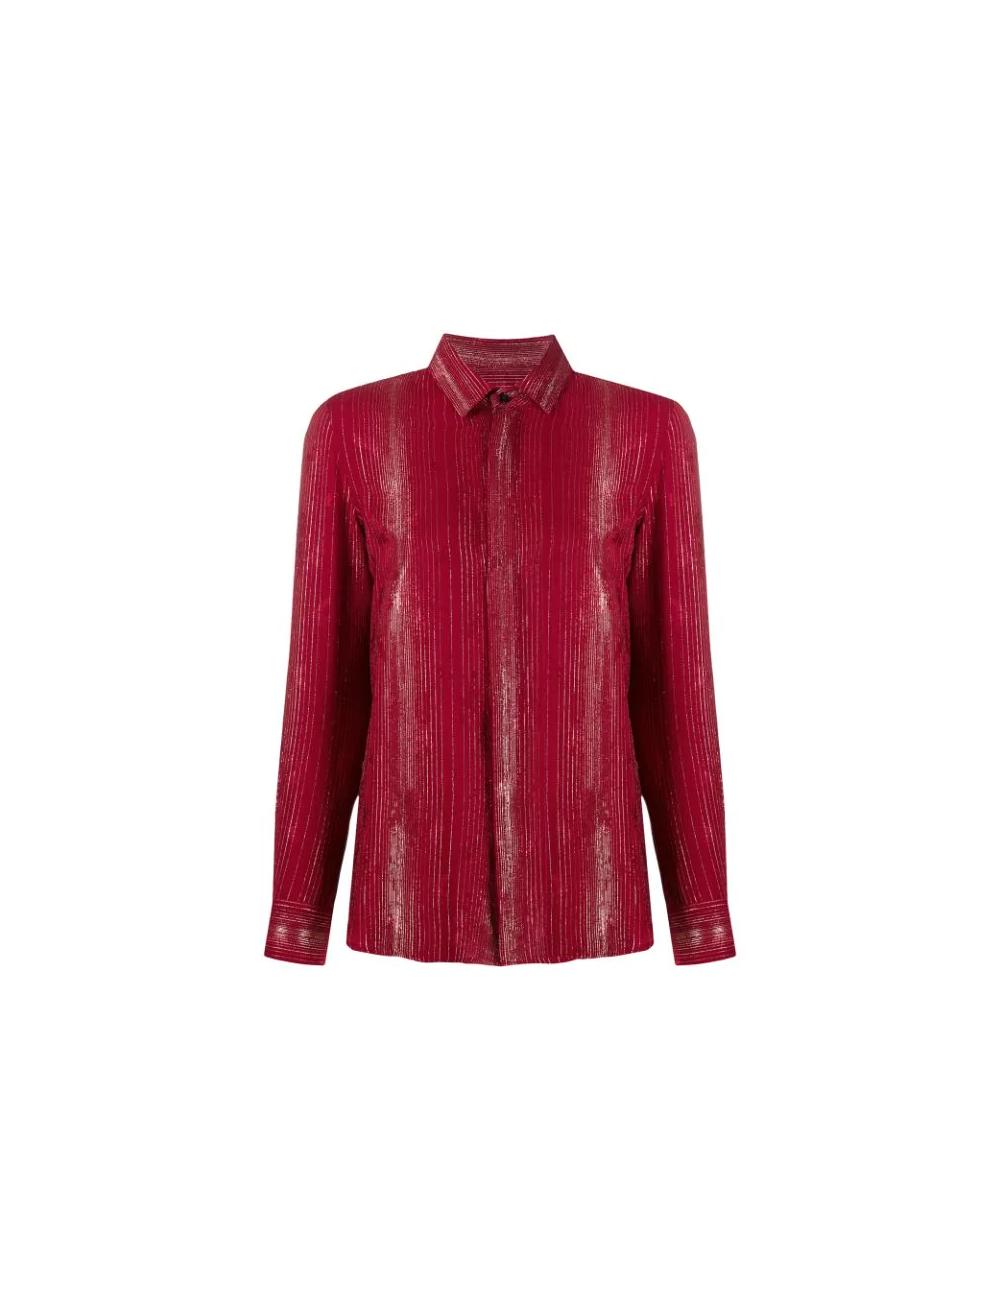 Chemise en soie rouge Saint Laurent - BIG BOSS MEGEVE